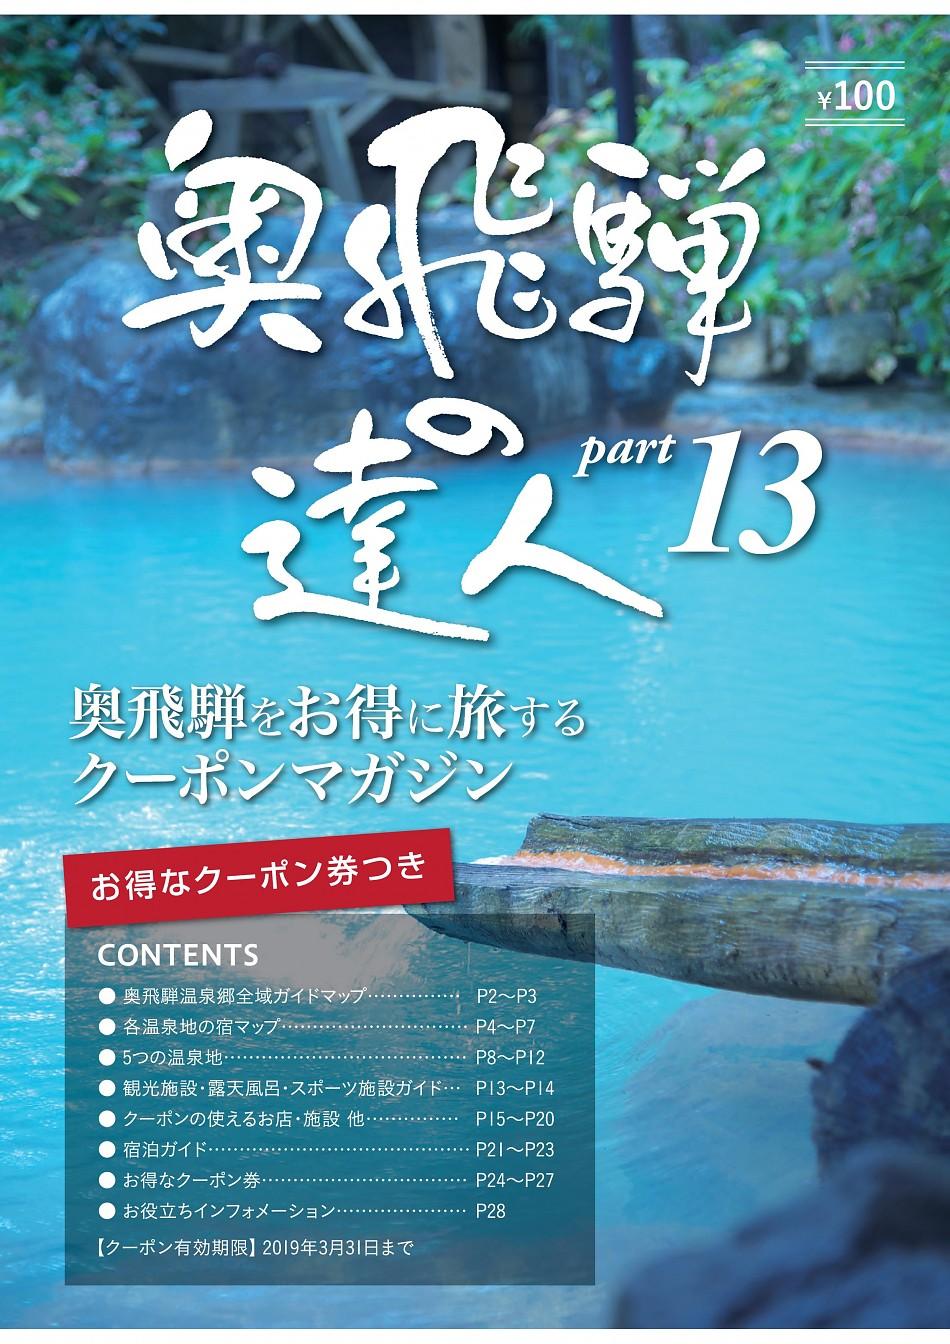 【画像】奥飛騨クーポンマガジン「奥飛騨の達人part13」